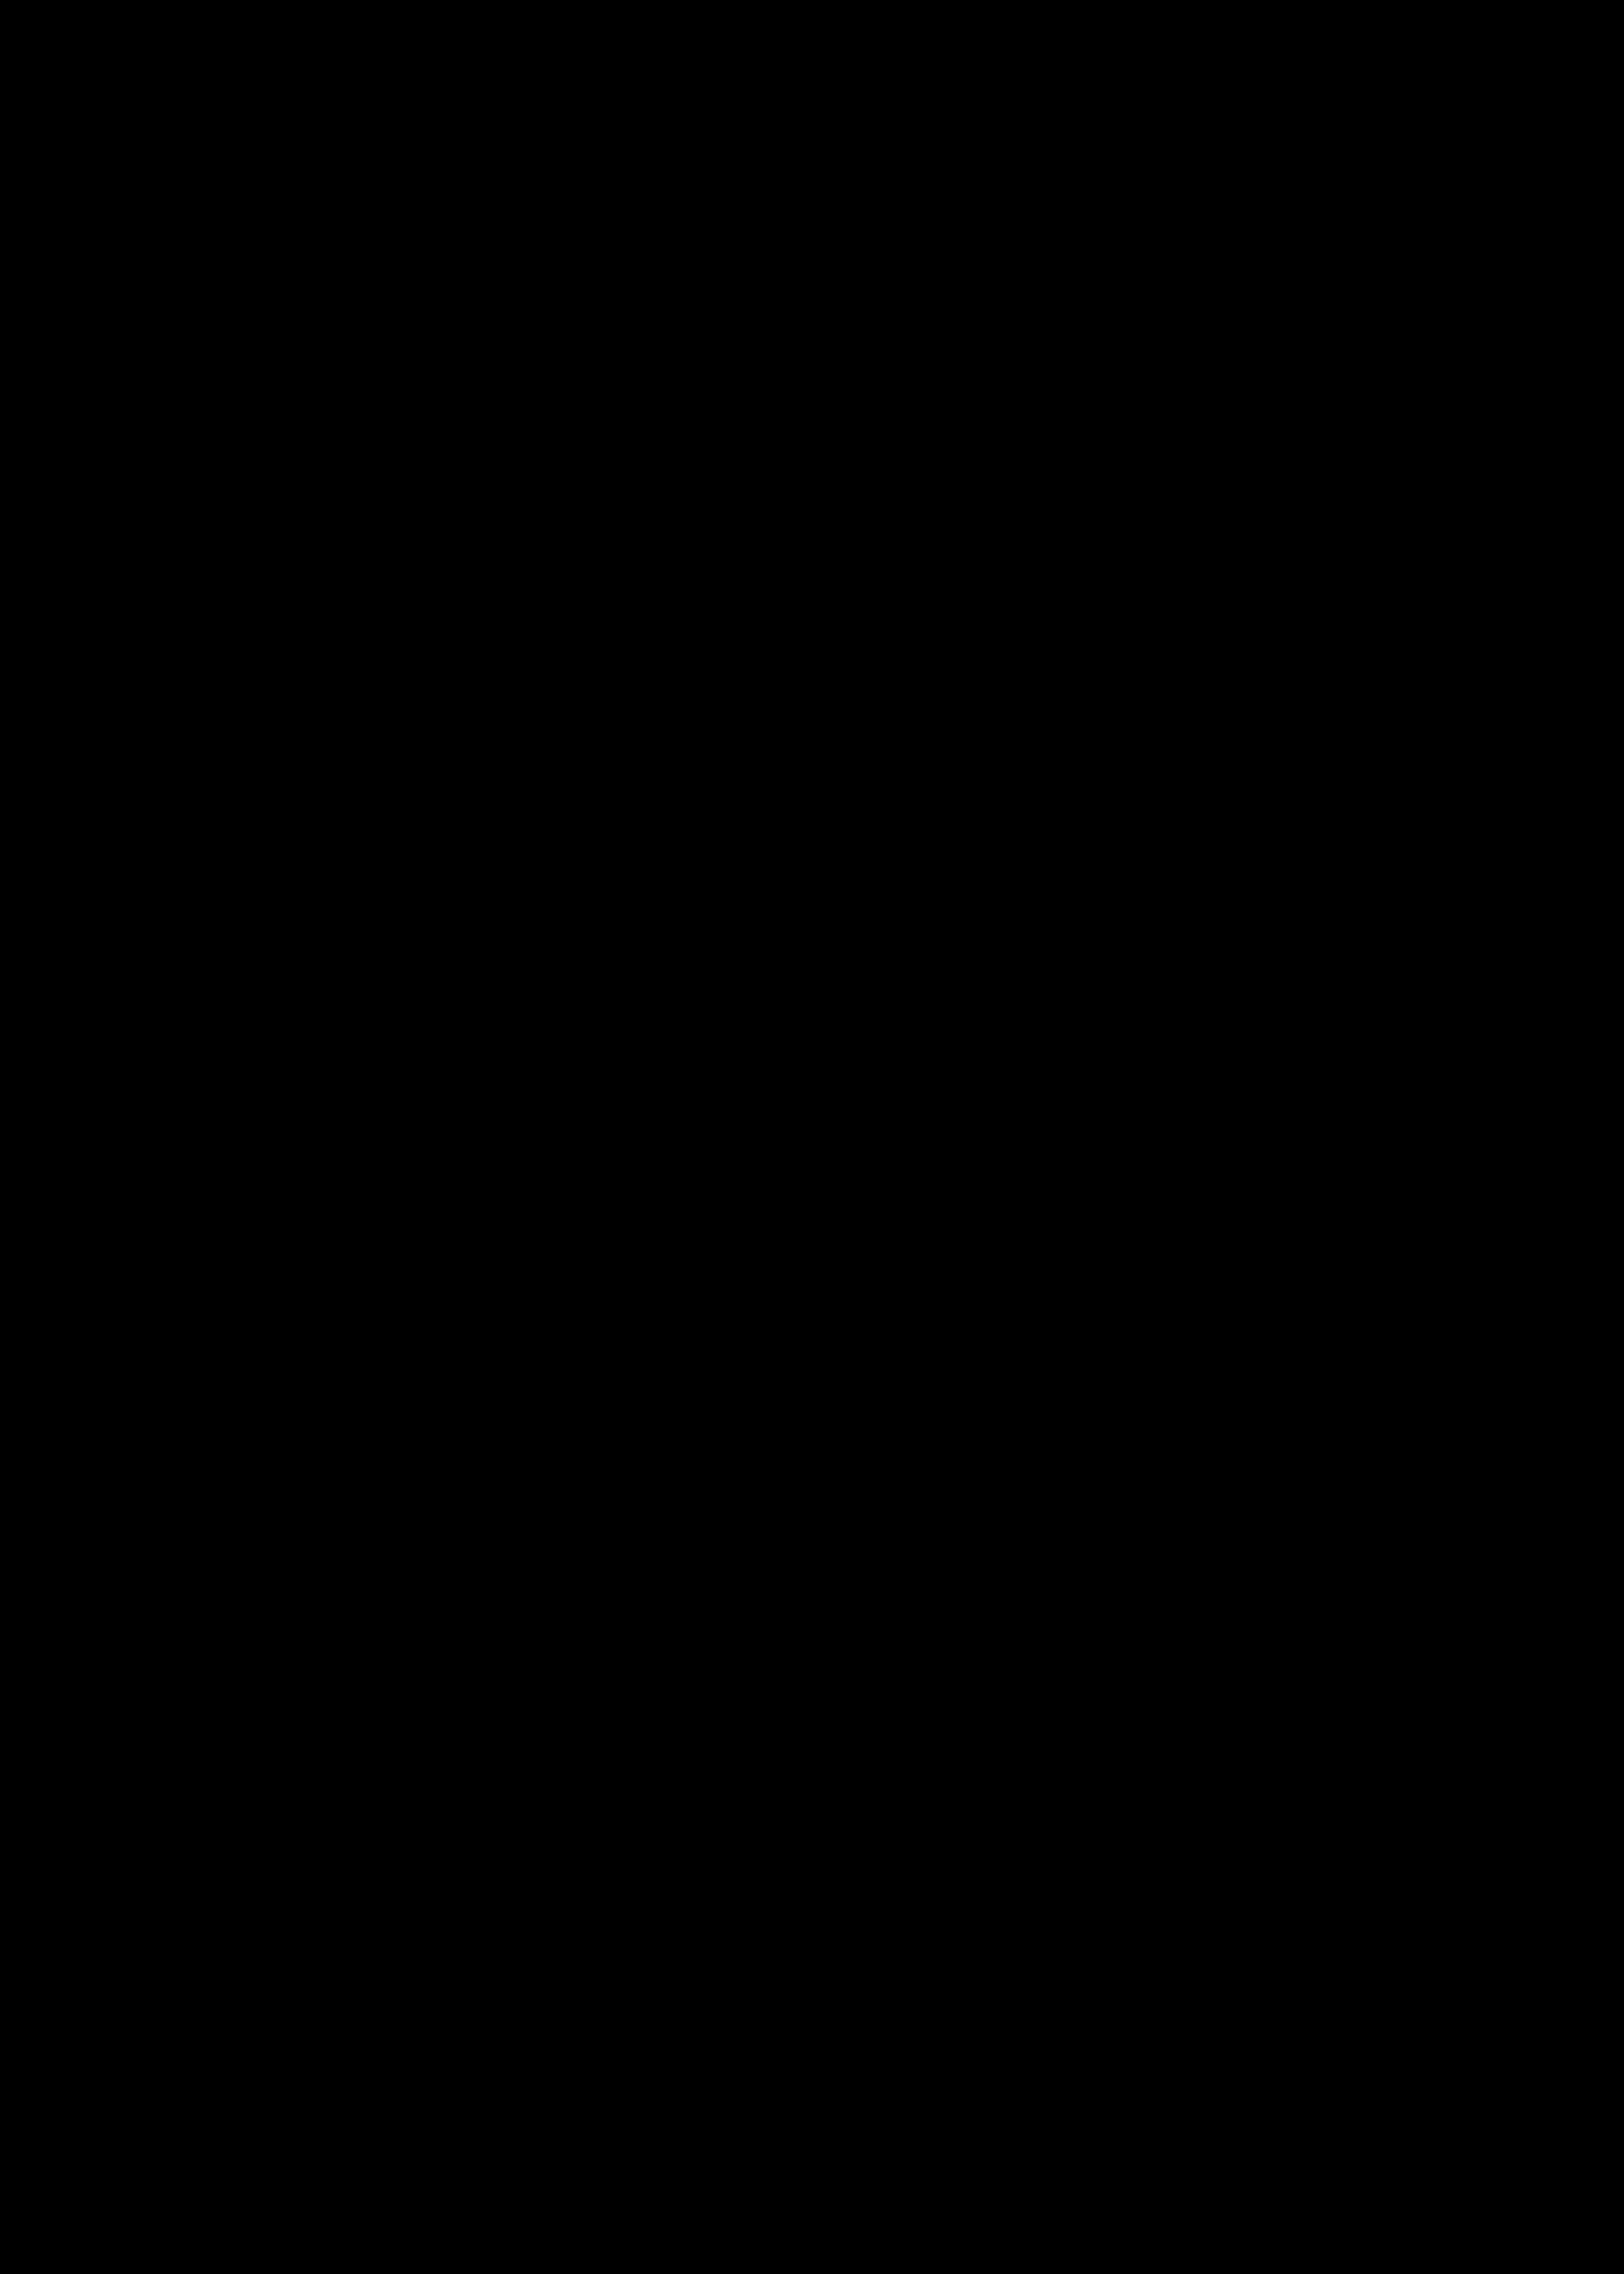 """UCID Taranto e UCID FermoConvegno su """"Economia Antropologica""""22 ottobre 20212 ore18.00"""